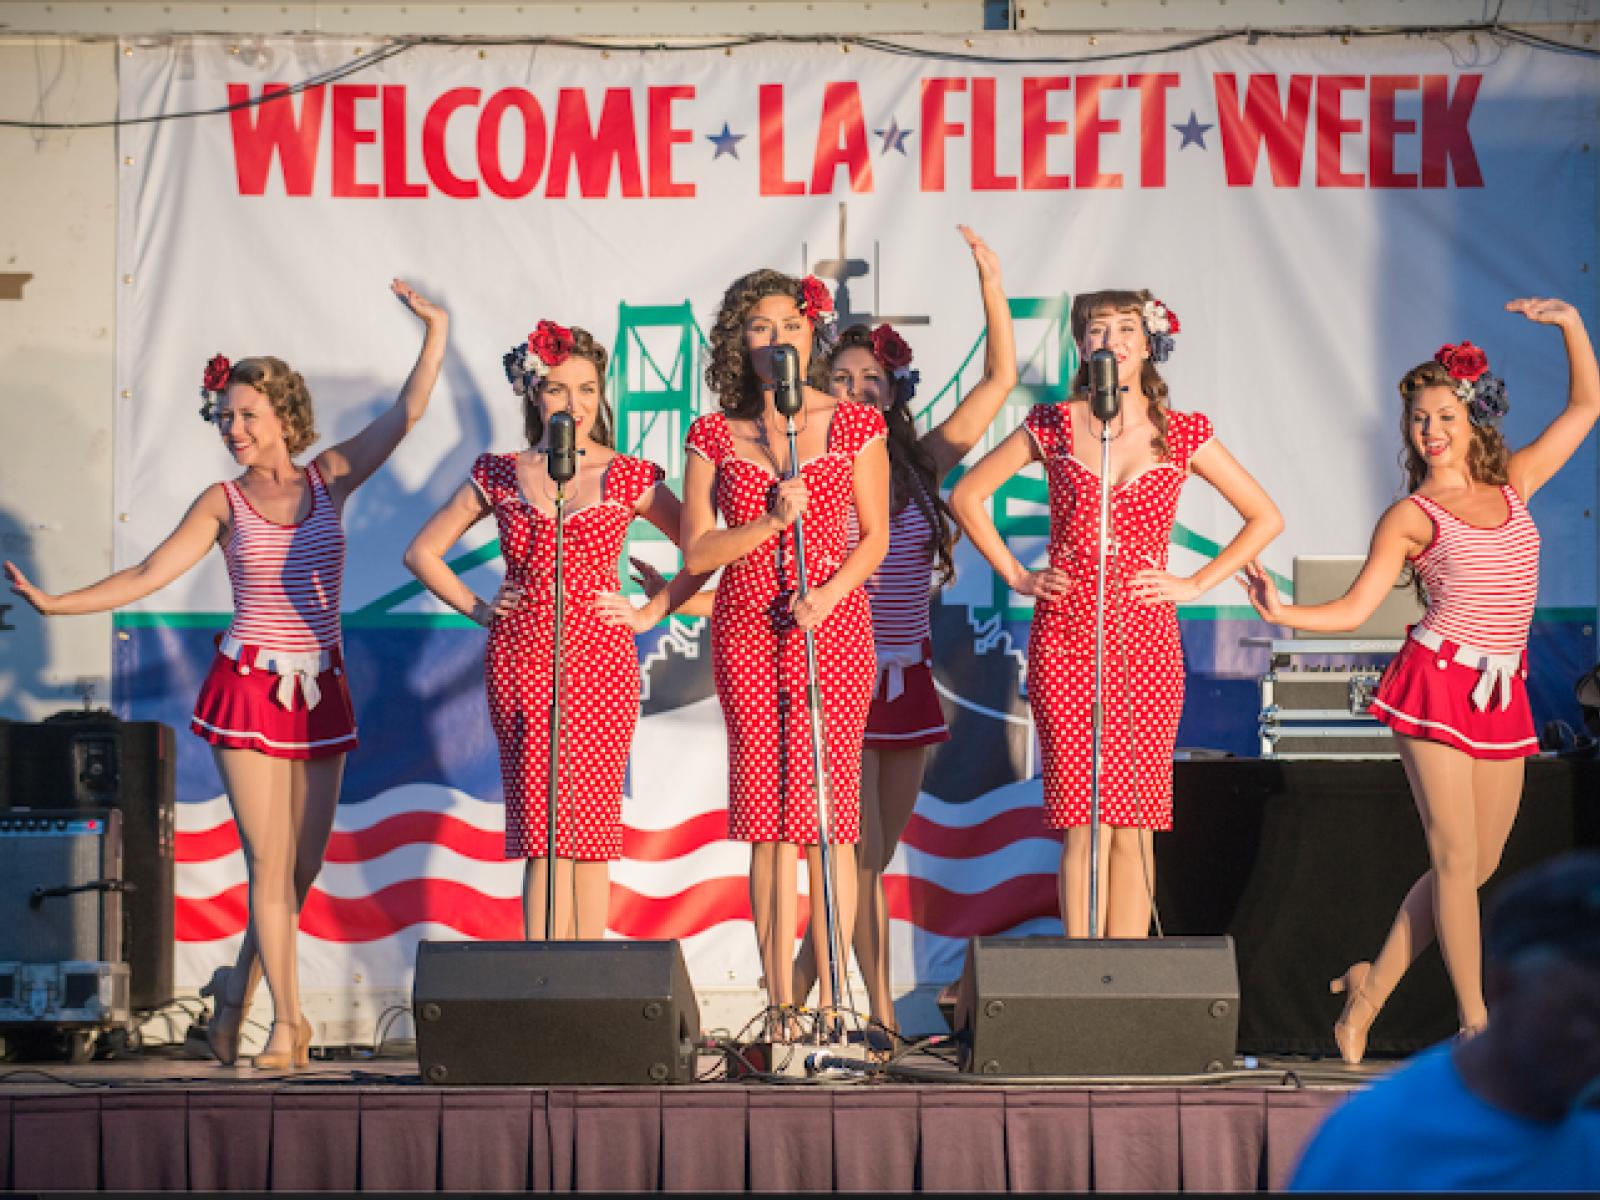 Image: Courtesy of the LA Fleet Week® Foundation